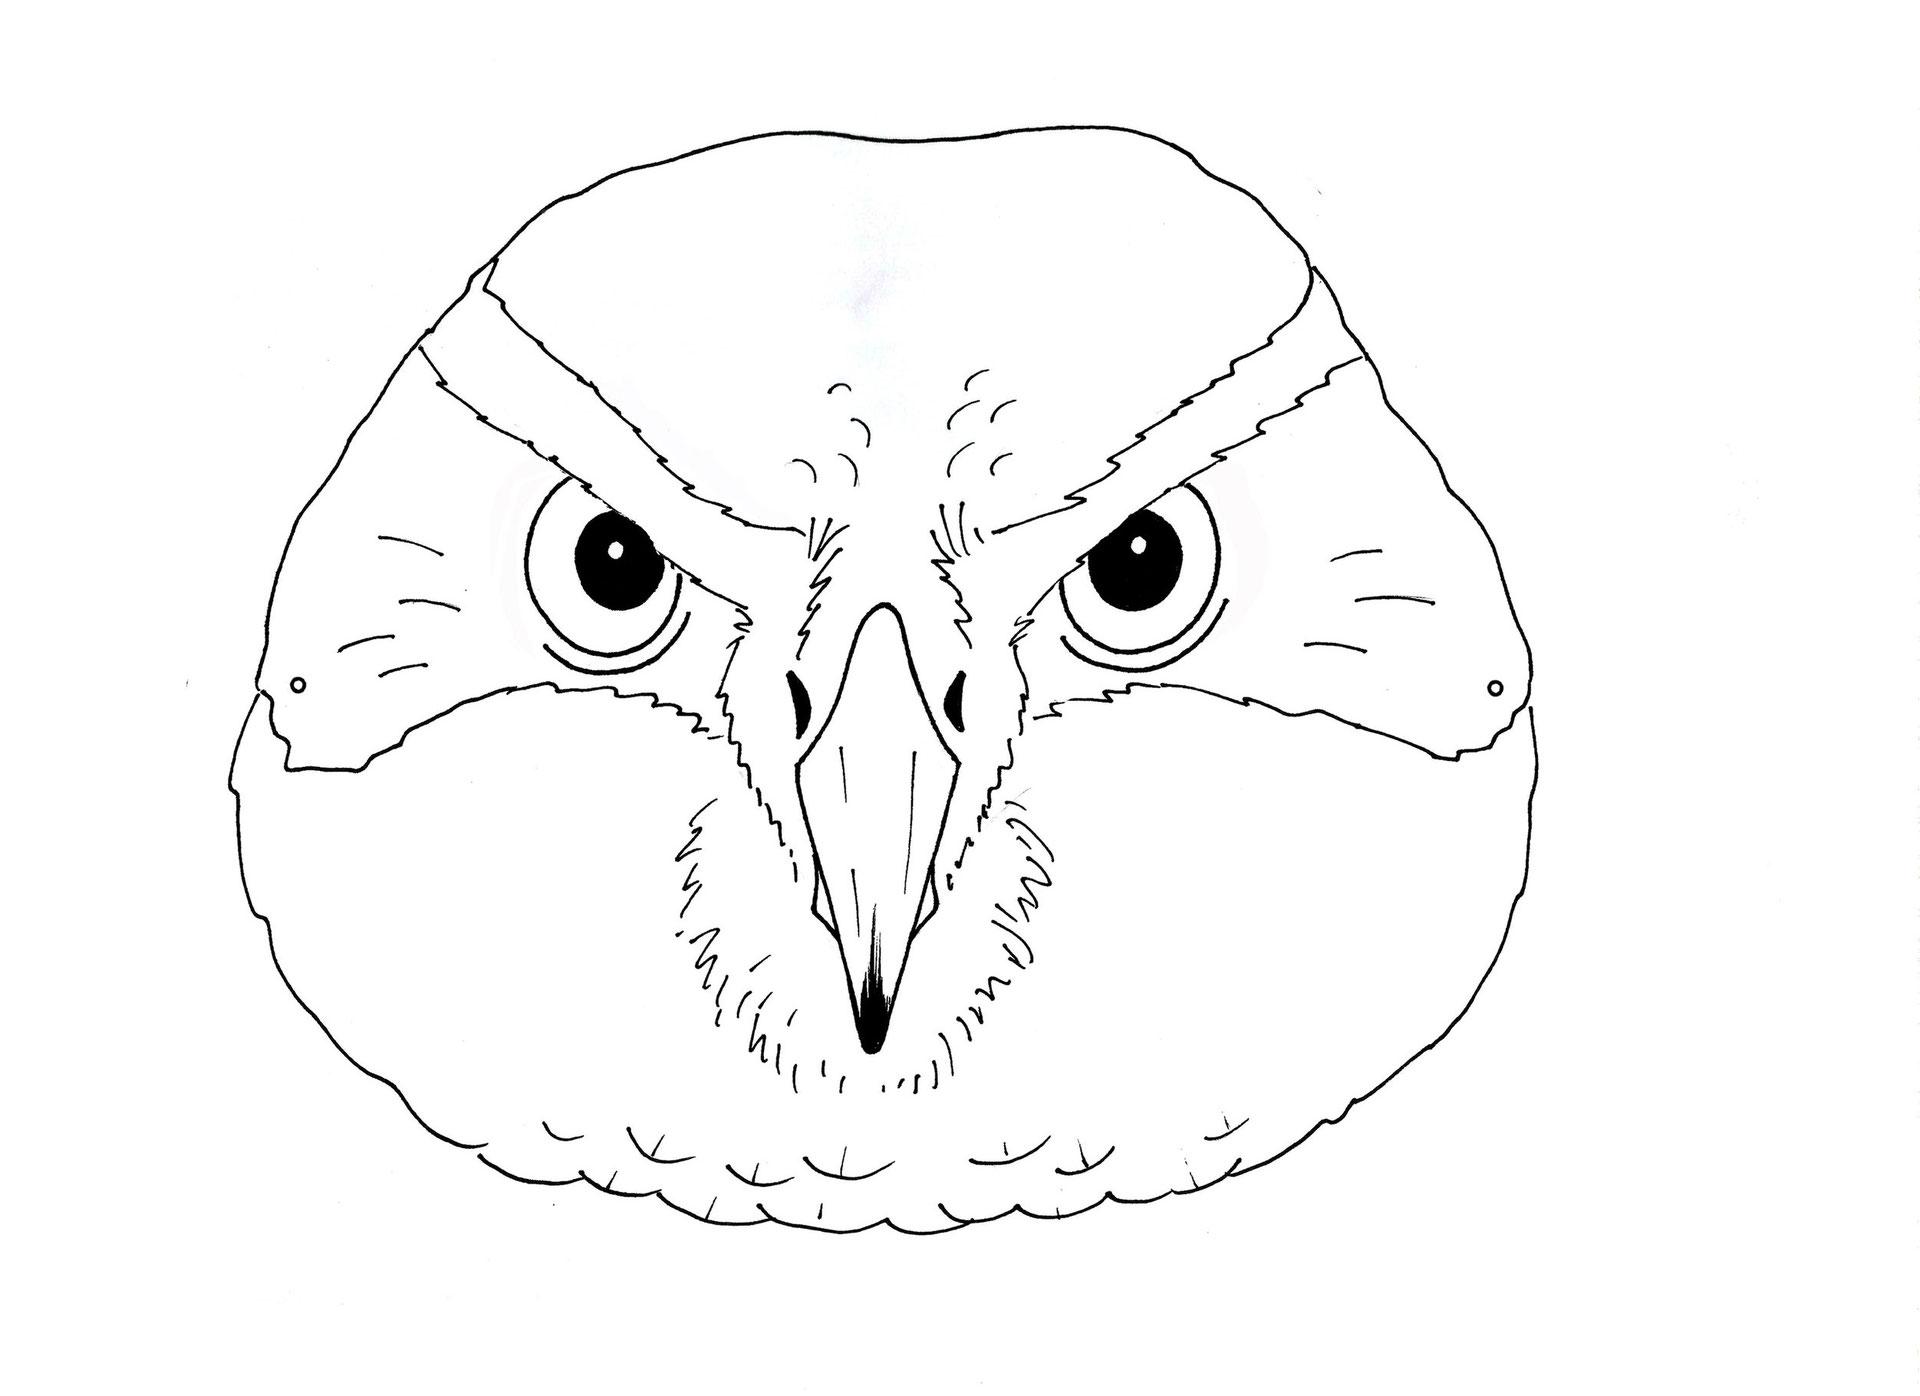 Ziemlich Tierische Gesichtsmaske Vorlagen Ideen - Beispiel ...